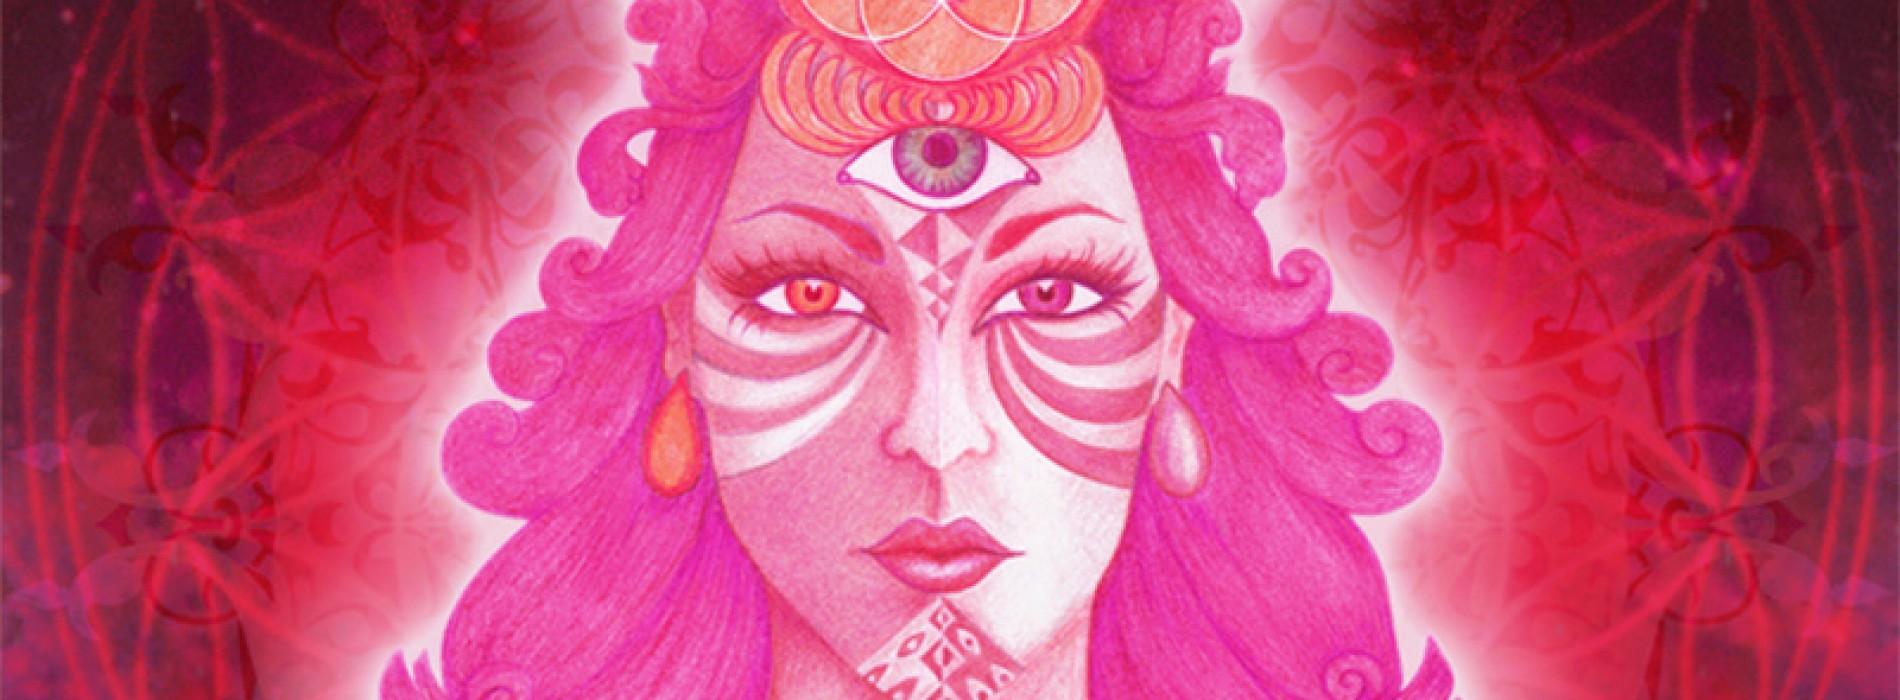 Spirited's Return Of The Cosmic Goddess